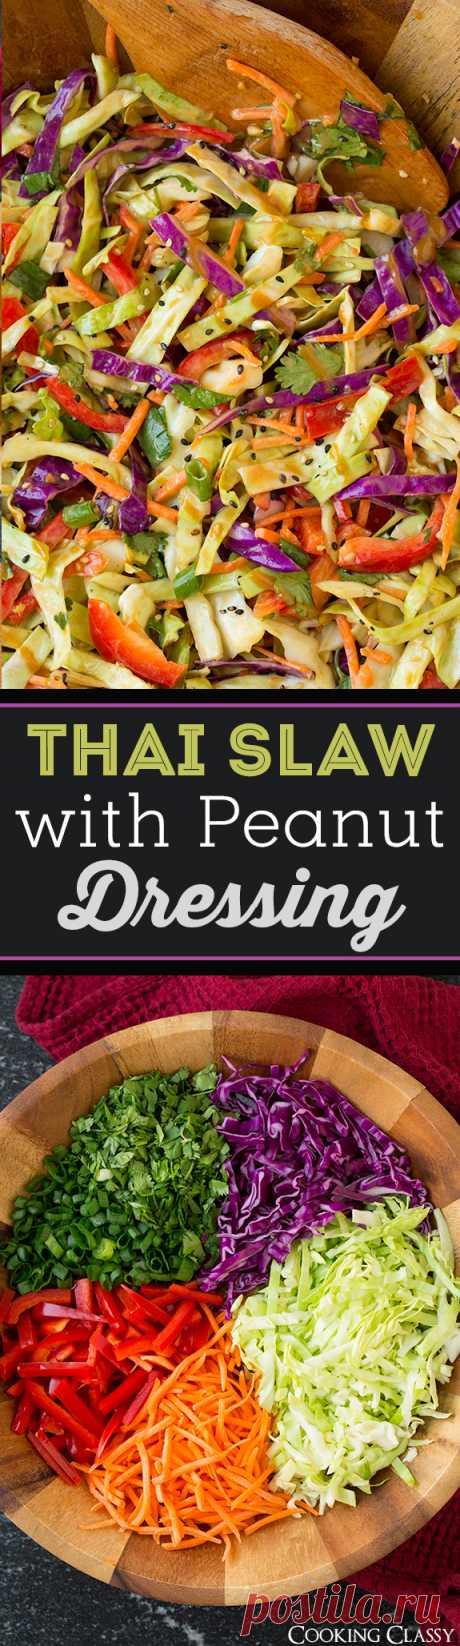 Dai un'occhiata a Thai Slaw with Peanut Dressing. È facilissima da realizzare! | Cavoli, Salse e Noce di cocco